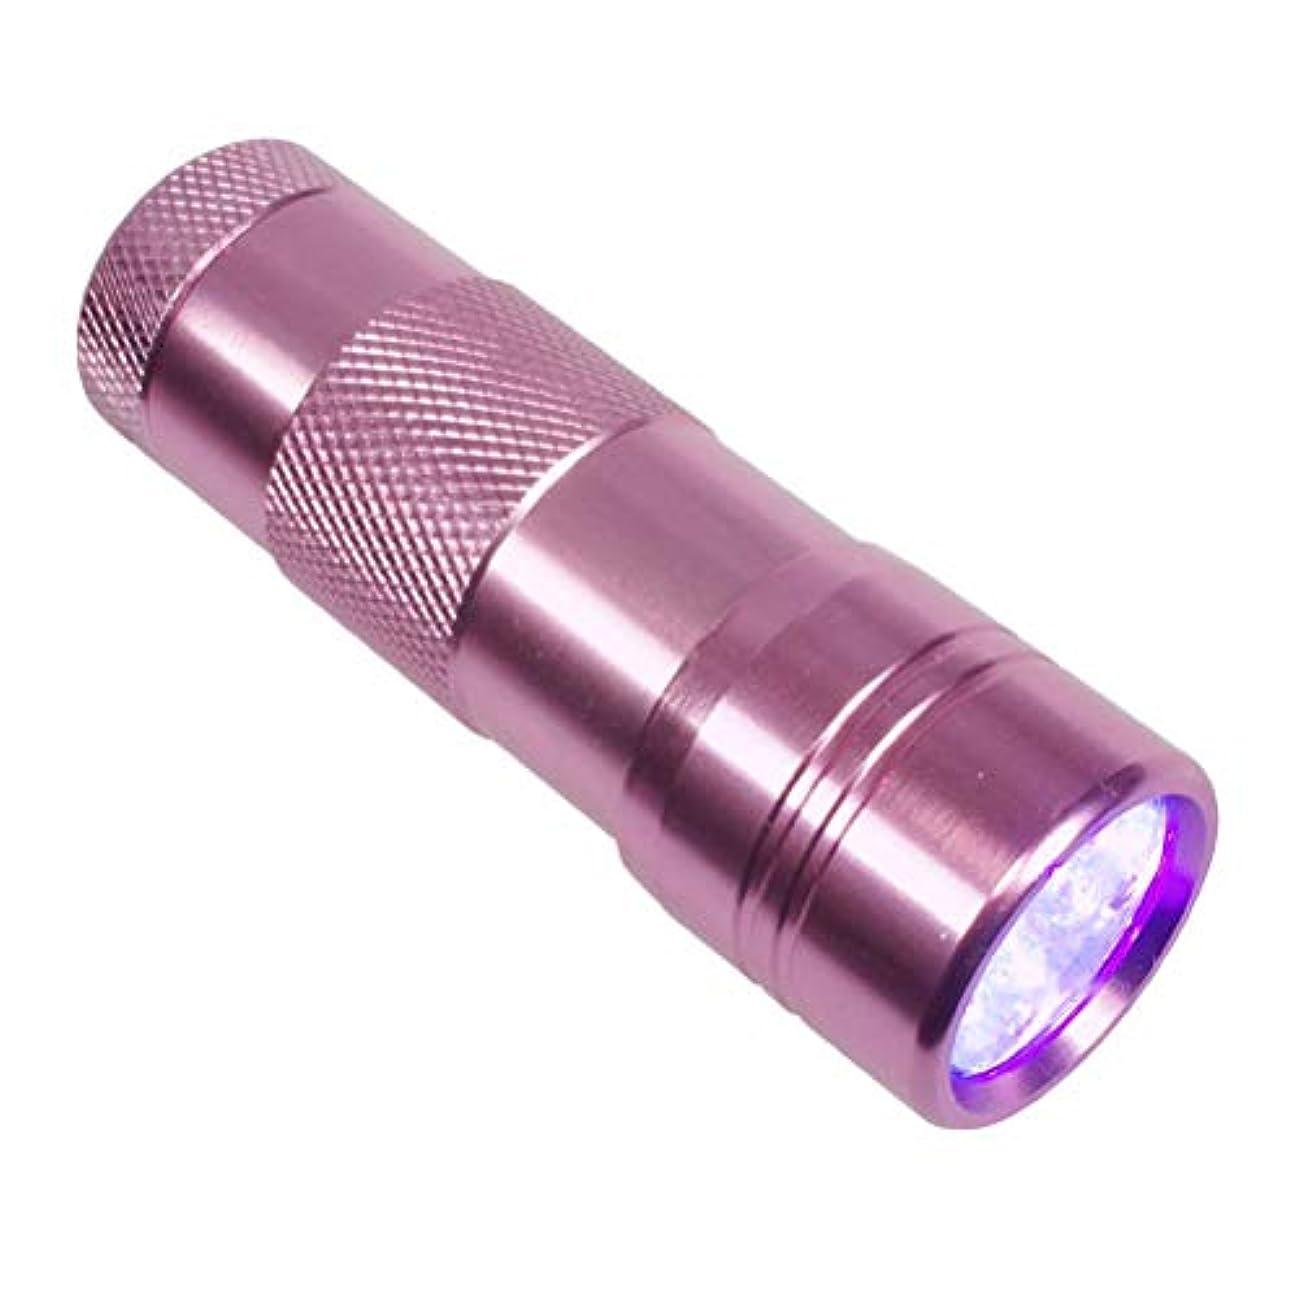 創造矛盾あまりにもジェルネイル用UVライト ペン型LEDライト ミニサイズ 携帯用ハンディライト